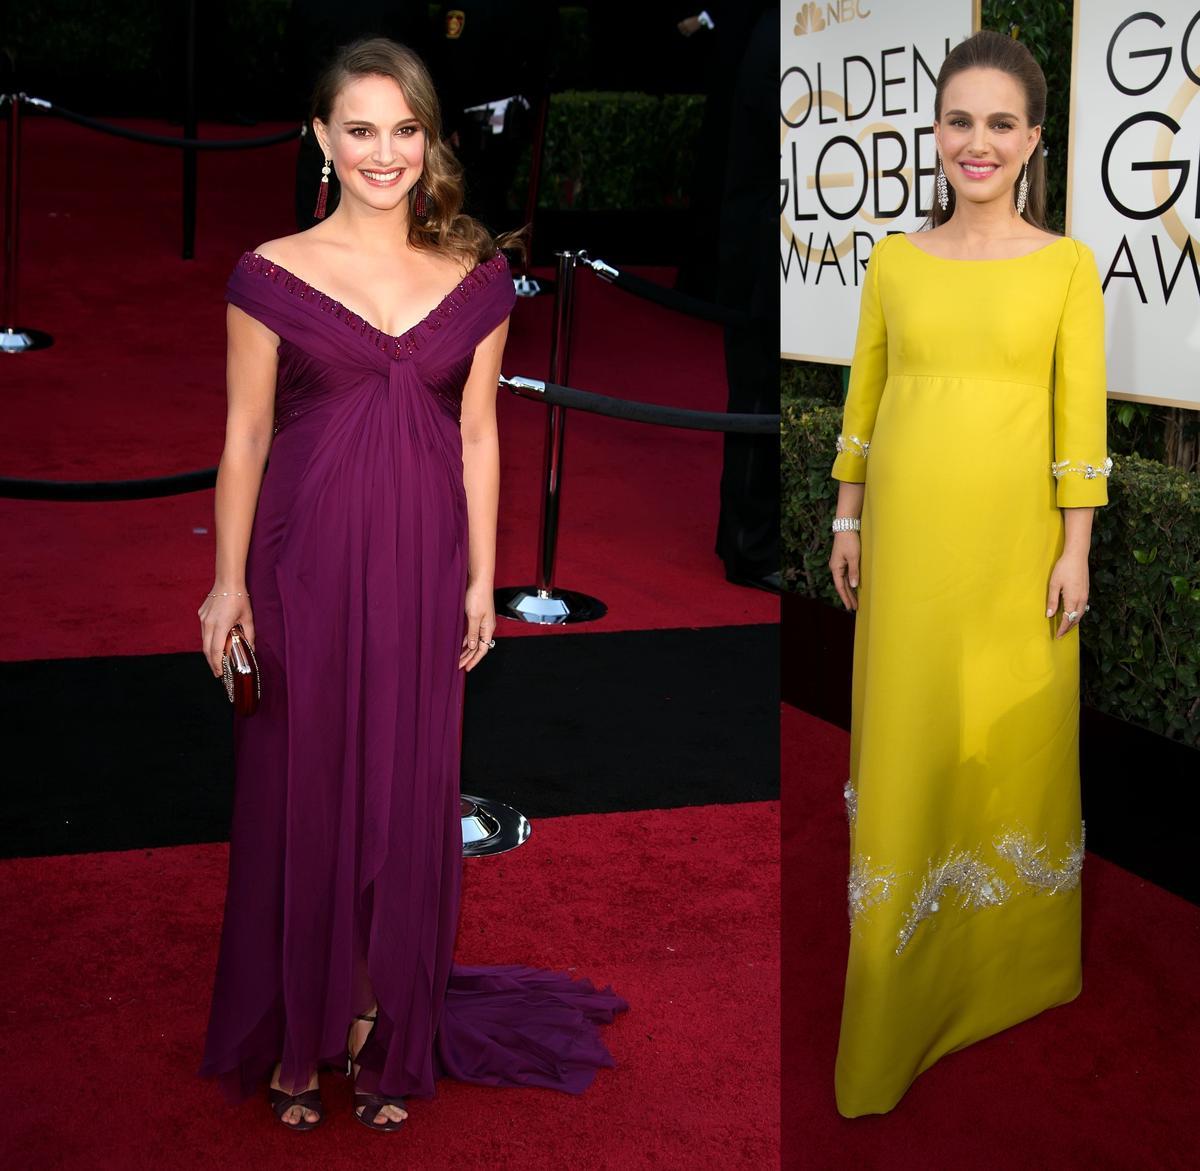 娜塔莉波曼今年再度挺孕肚走紅毯,芥末黃禮服評價兩極,今年不如2011年的紫色禮服。(東方IC)